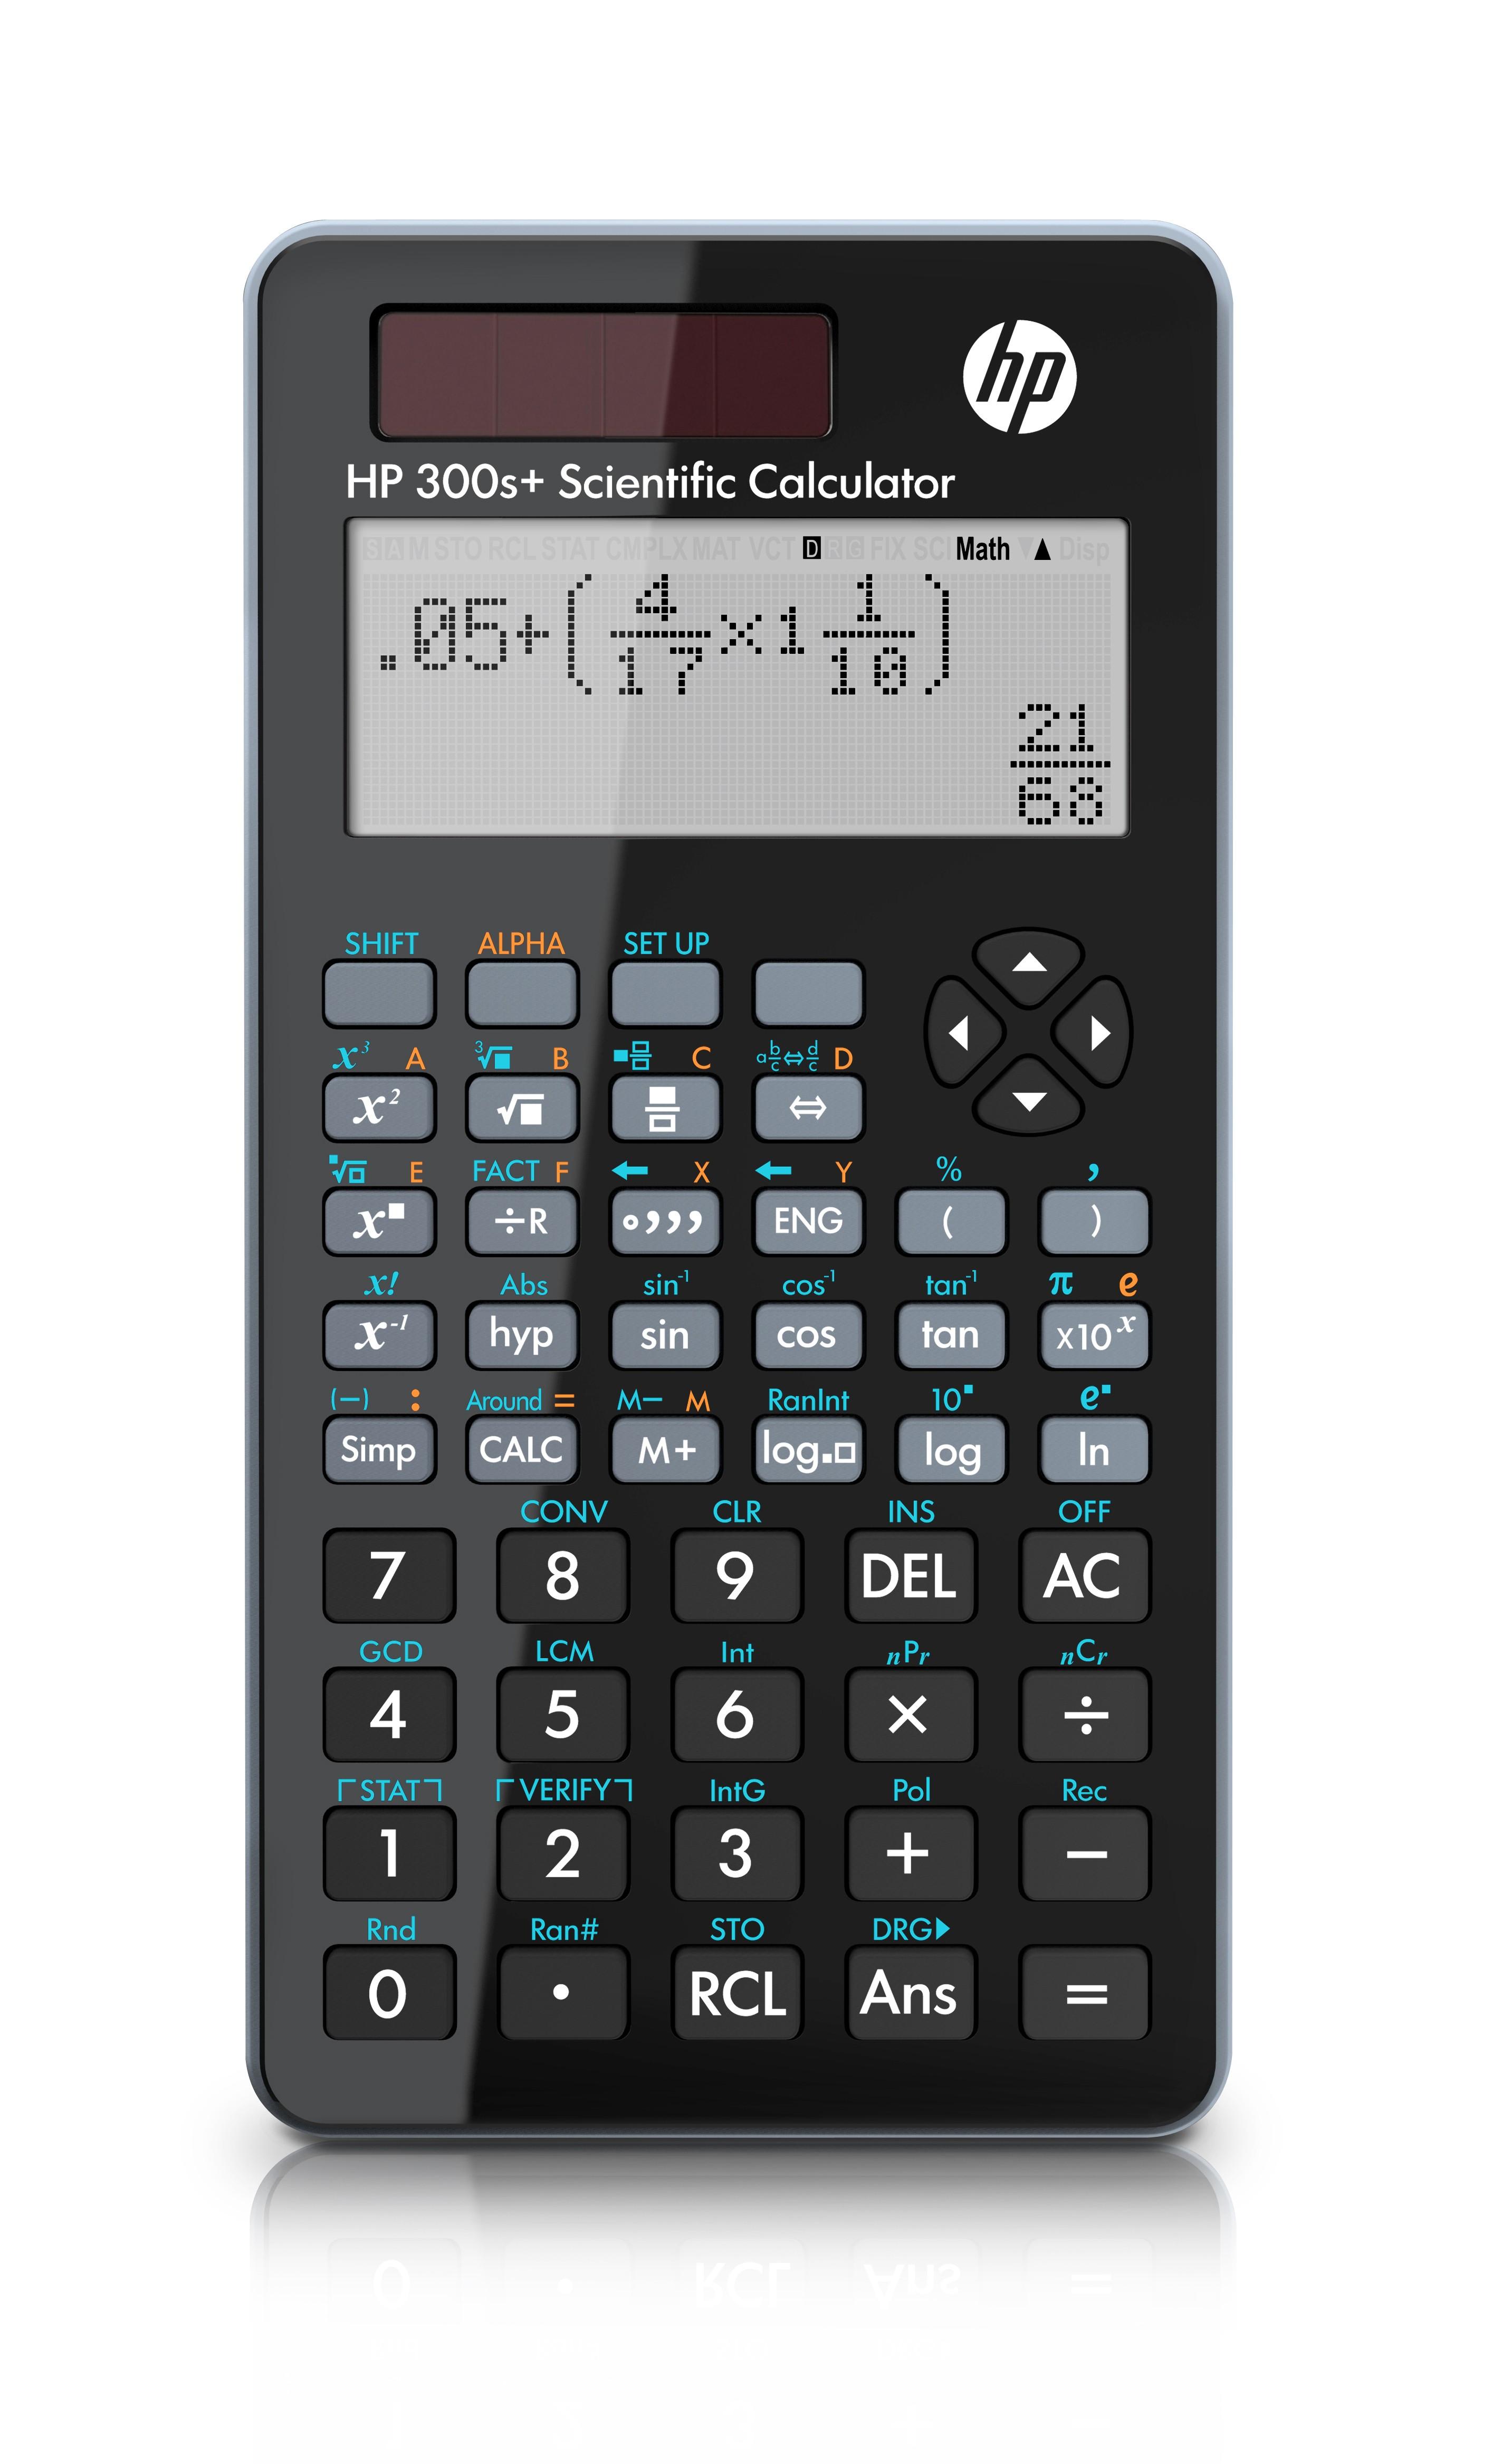 [Image: hp_300s_plus_scientific_juniper_calculator_c.jpg]